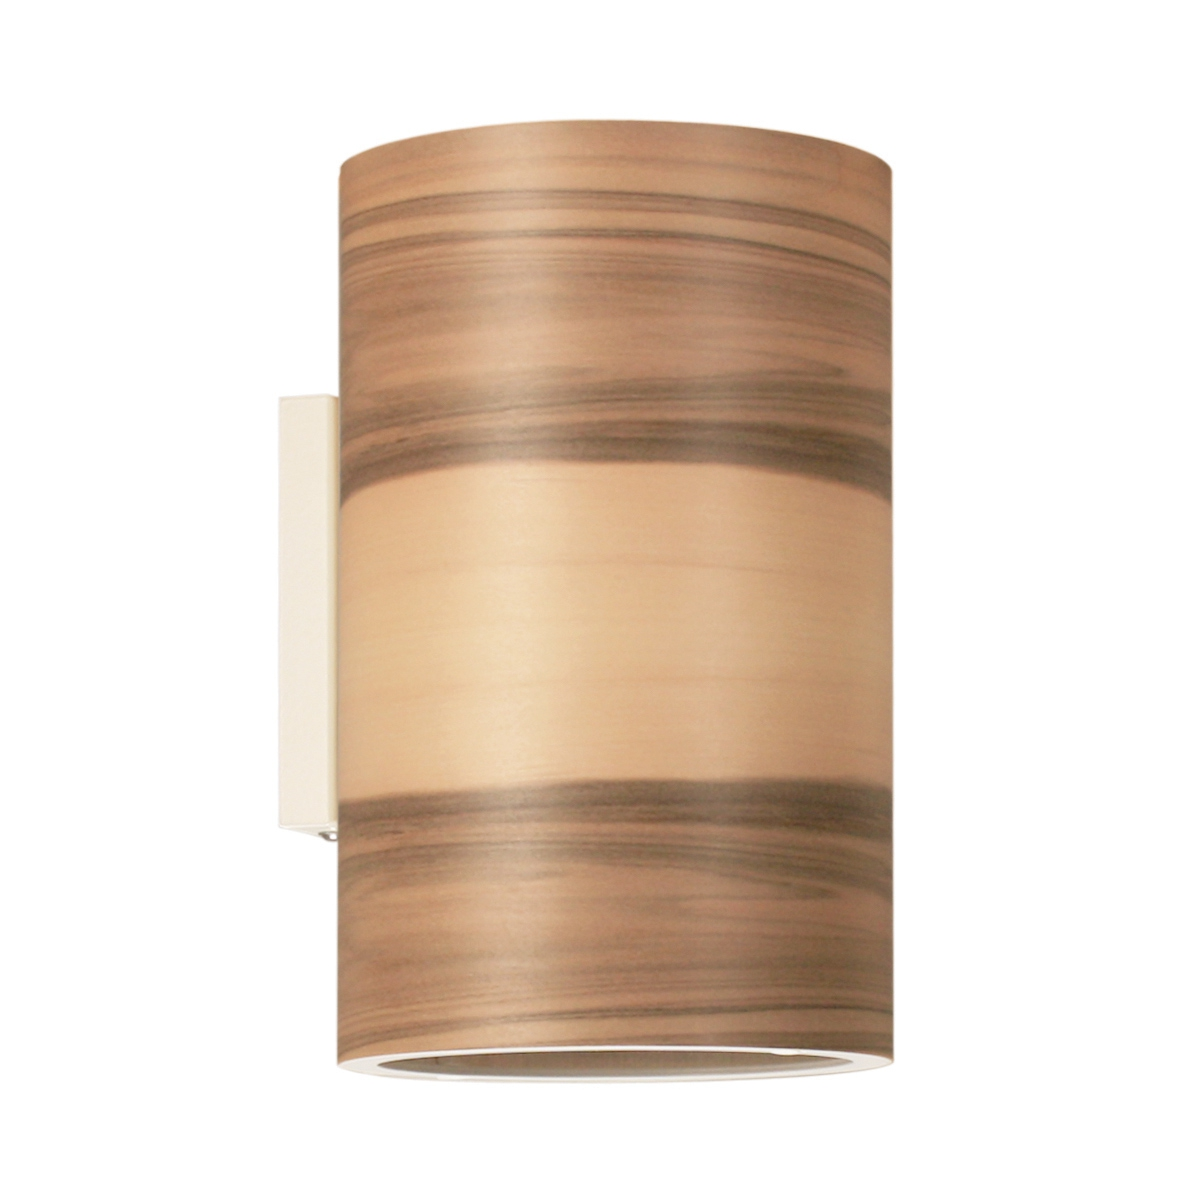 Bien-aimé Applique murale cylindrique avec abat-jour en bois XR35